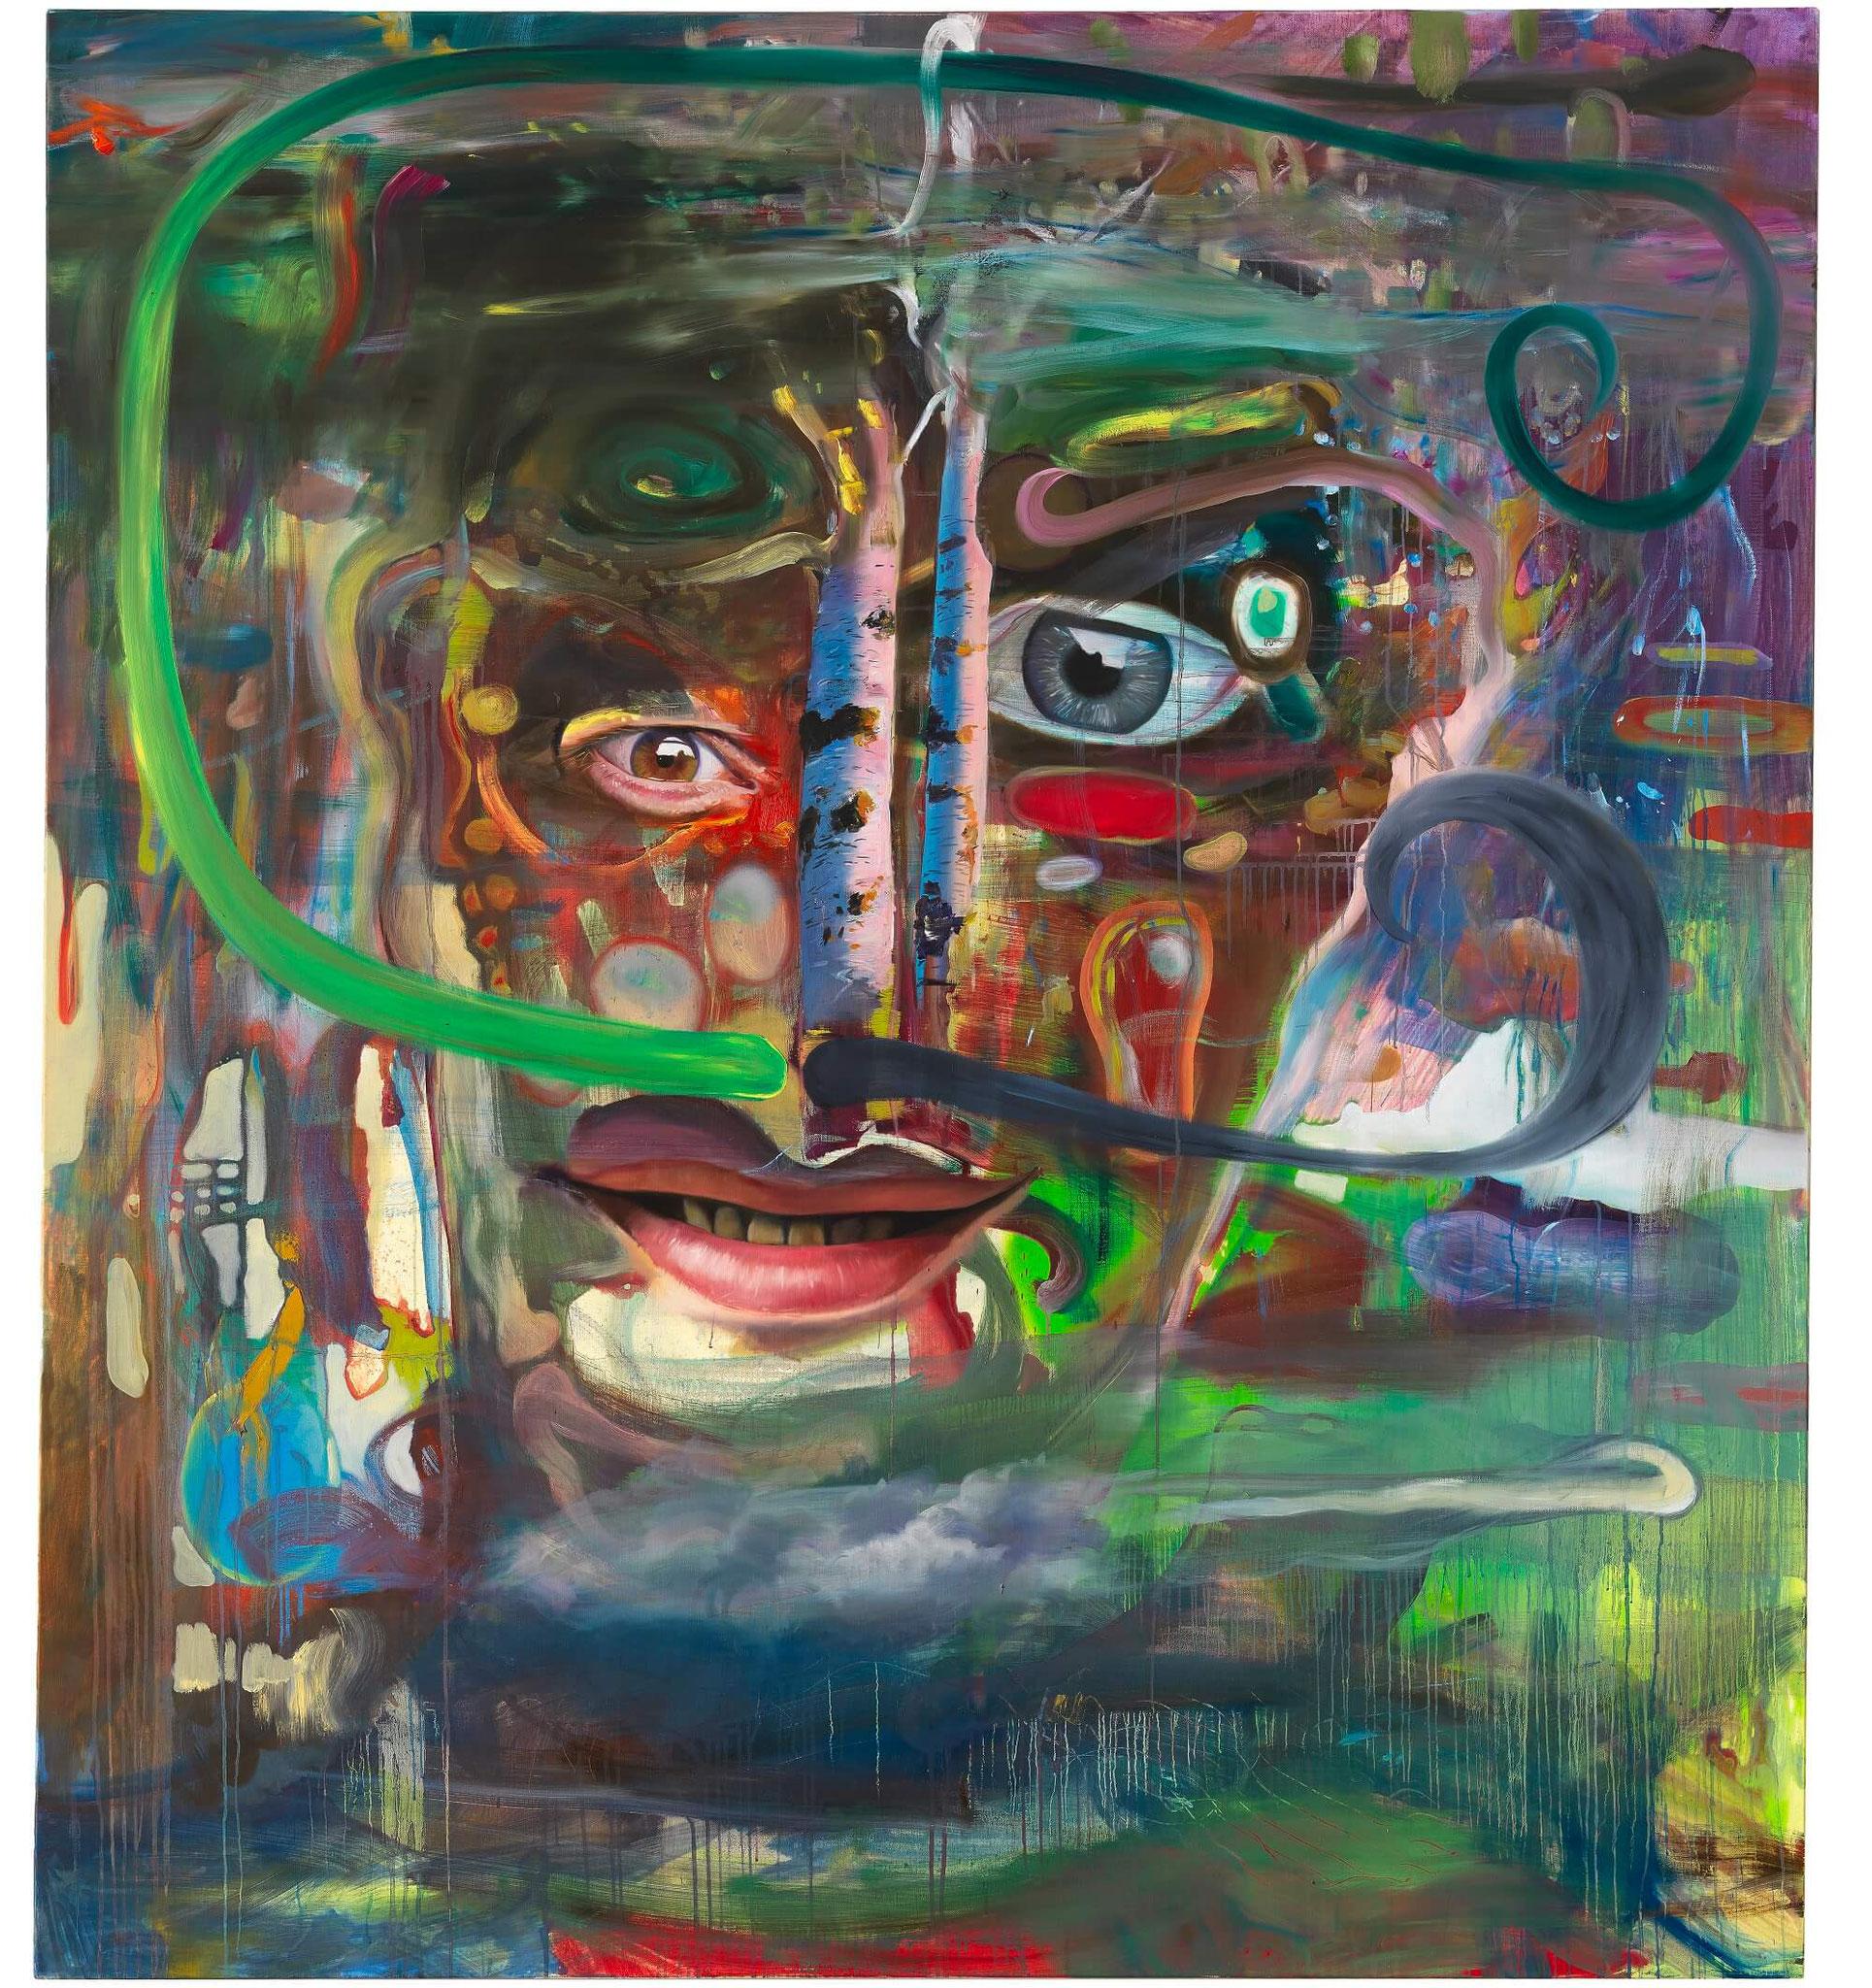 Böhme / Maderthaner / Kodritsch, Eine Frage der Zusammenstellung, Mischtechnik auf Leinwand, 200 x 180 cm, 2016